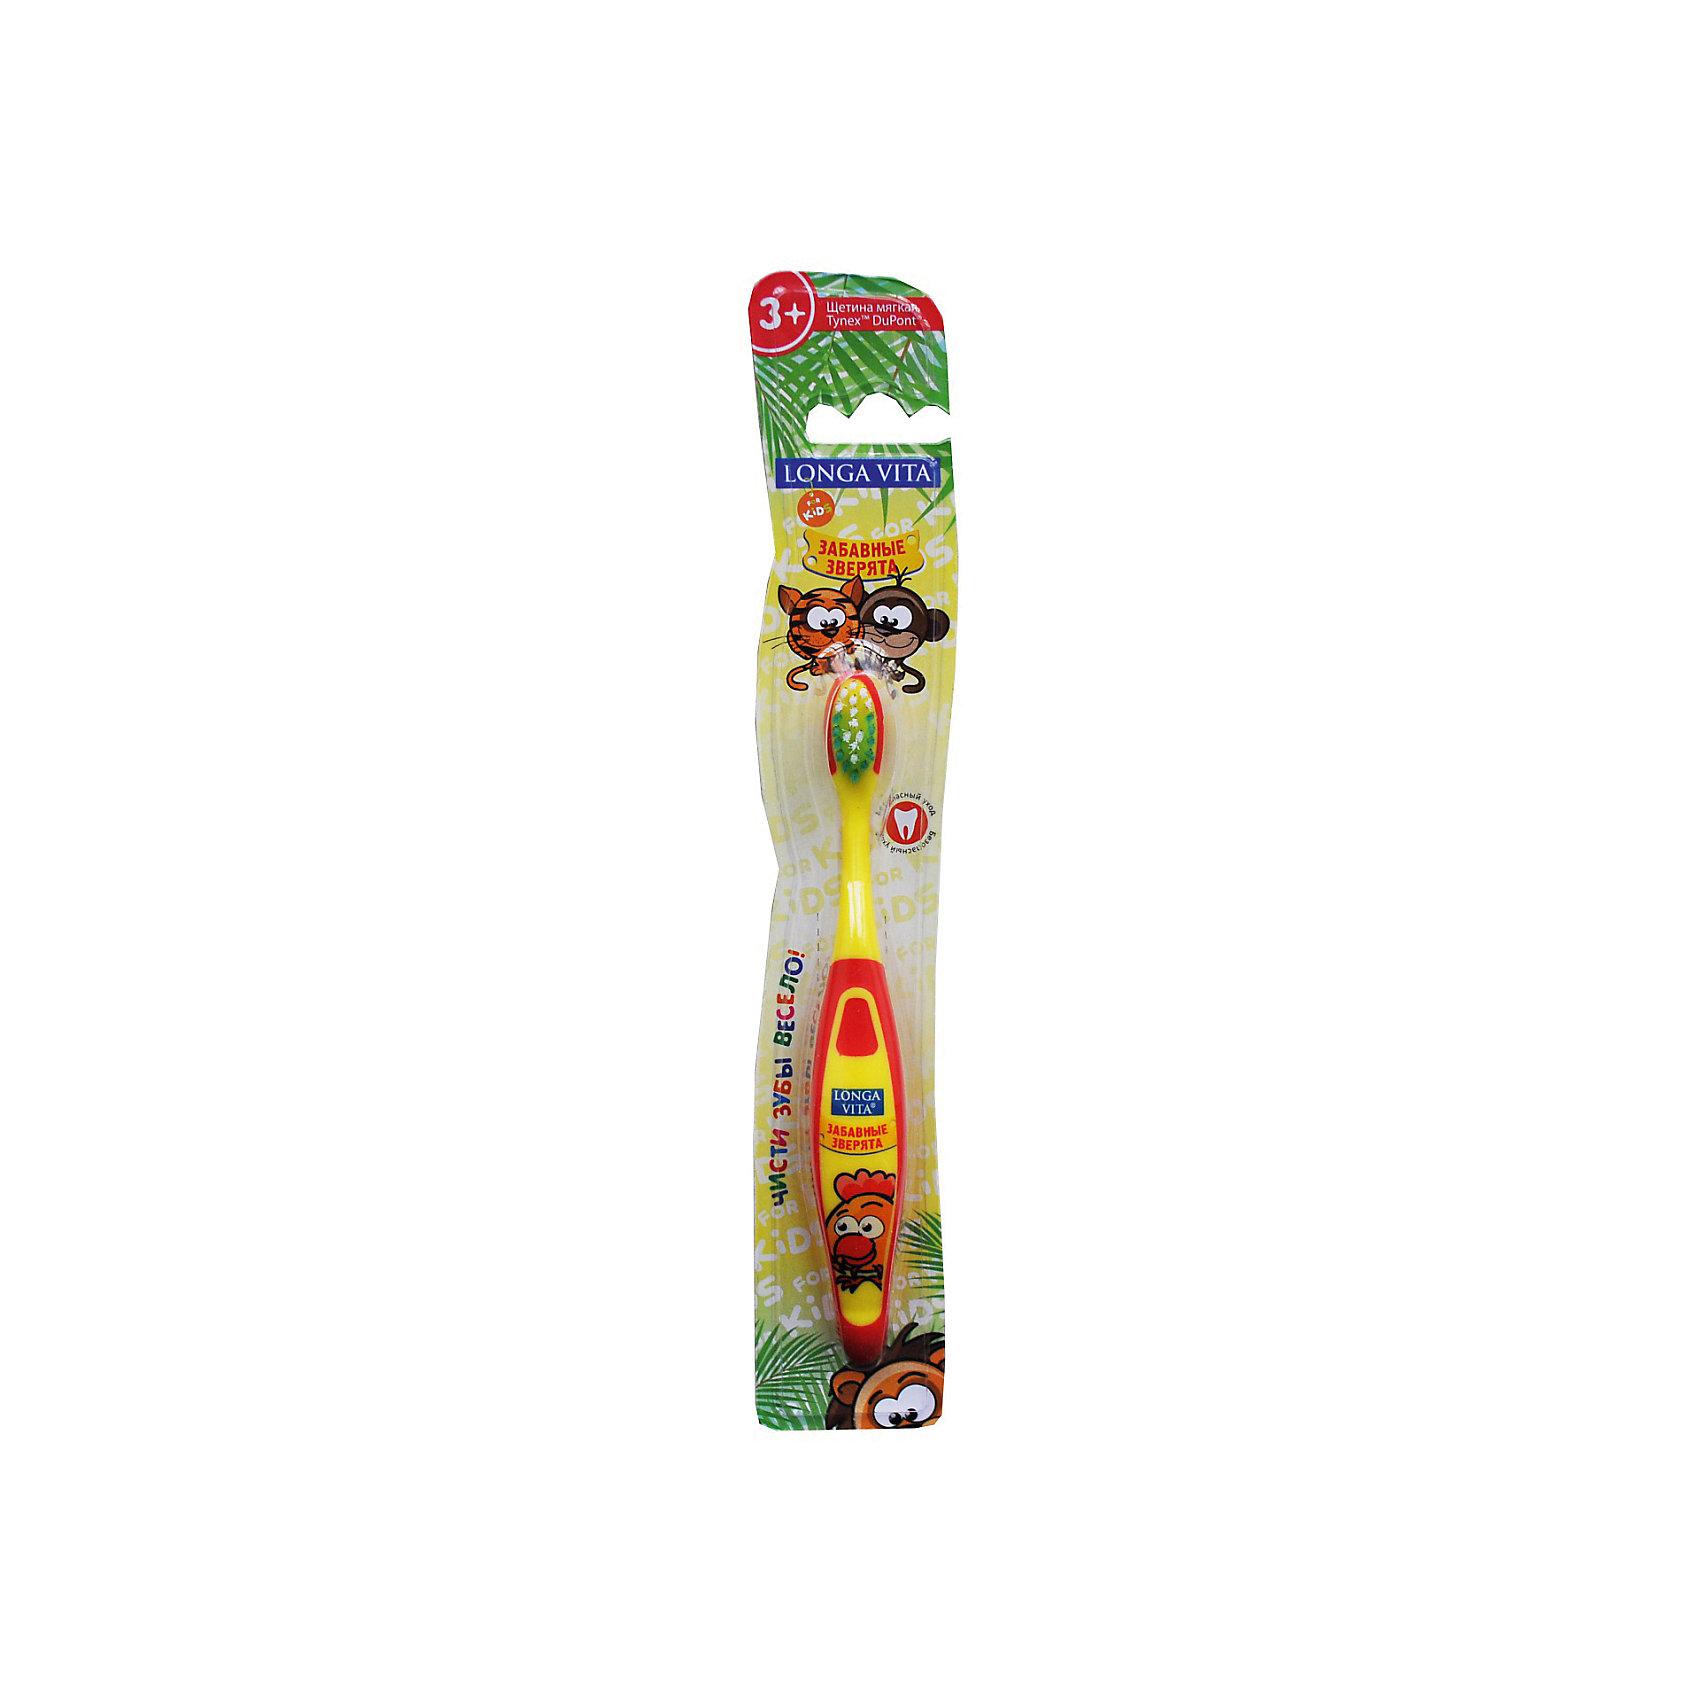 Детская зубная щетка Забавные зверята, от 3-х лет, арт. S-151, LONGA VITA, желтыйДетская зубная щетка Забавные зверята, от 3-х лет, арт. S-151, LONGA VITA (Лонга Вита), желтая.    <br><br>Характеристика:<br><br>• Материал: пластик, нейлон. <br>• Размер упаковки: 24х4х2 см. <br>• Длина щетки: 15 см. <br>• Жесткость щетины: мягкая. <br>• Эргономичная ручка.<br>• Яркий привлекательный дизайн. <br><br>Яркая зубная щетка с очаровательными зверятами приведет в восторг любого ребенка! Щетка LONGA VITA очень маневренная, прекрасно очищает ротовую полость и удаляет зубной налет. Благодаря мягкой щетине, она не травмирует нежные детские десны. Удобная эргономичная ручка препятствует выскальзыванию. Привлекательный дизайн и изображения забавных зверят сделают процесс чистки зубов увлекательным и веселым!<br><br>Детскую зубную щетку Забавные зверята, от 3-х лет, арт. S-151, LONGA VITA (Лонга Вита) желтую, можно купить в нашем магазине.<br><br>Ширина мм: 20<br>Глубина мм: 25<br>Высота мм: 160<br>Вес г: 40<br>Возраст от месяцев: 36<br>Возраст до месяцев: 84<br>Пол: Унисекс<br>Возраст: Детский<br>SKU: 5130715